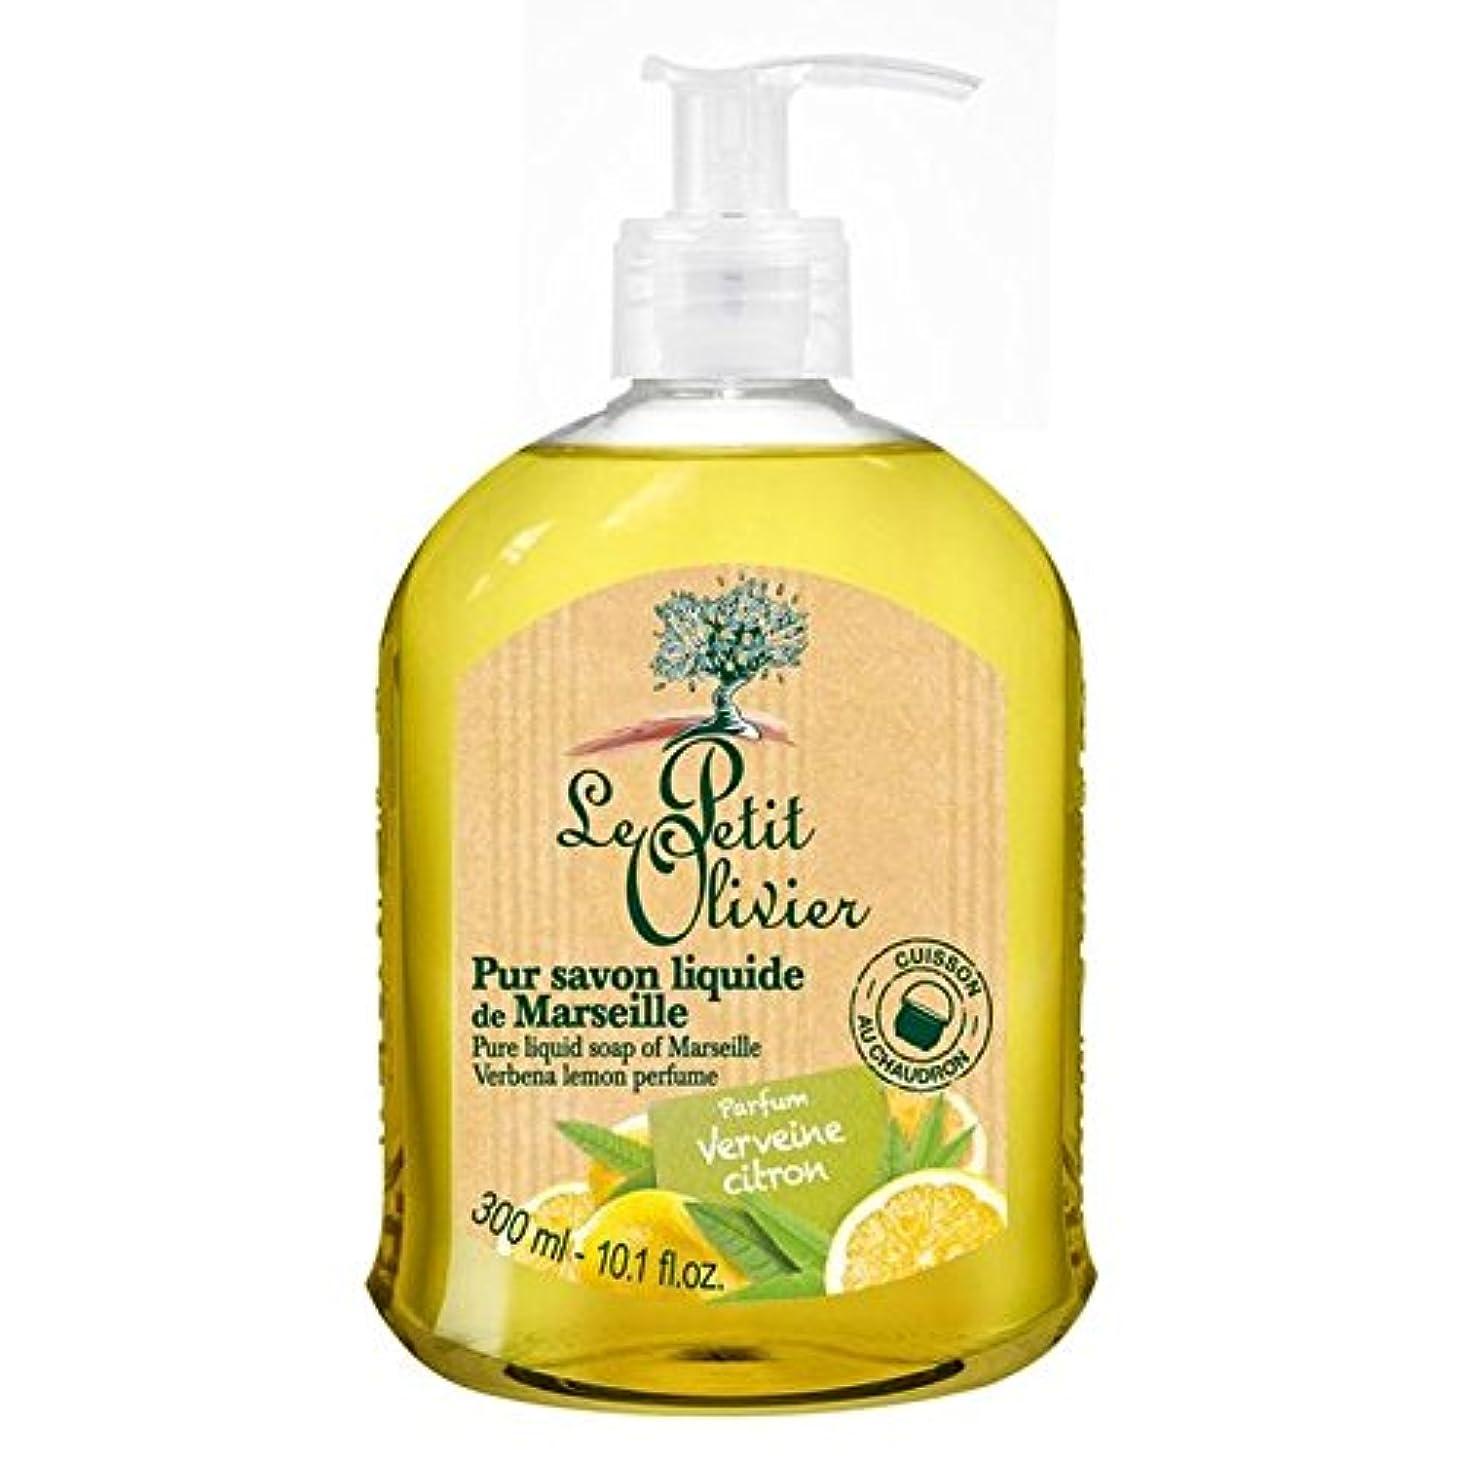 本物の医薬品新聞Le Petit Olivier Pure Liquid Soap of Marseille, Verbena Lemon 300ml - マルセイユのル?プティ?オリヴィエ純粋な液体石鹸、バーベナレモン300ミリリットル [並行輸入品]